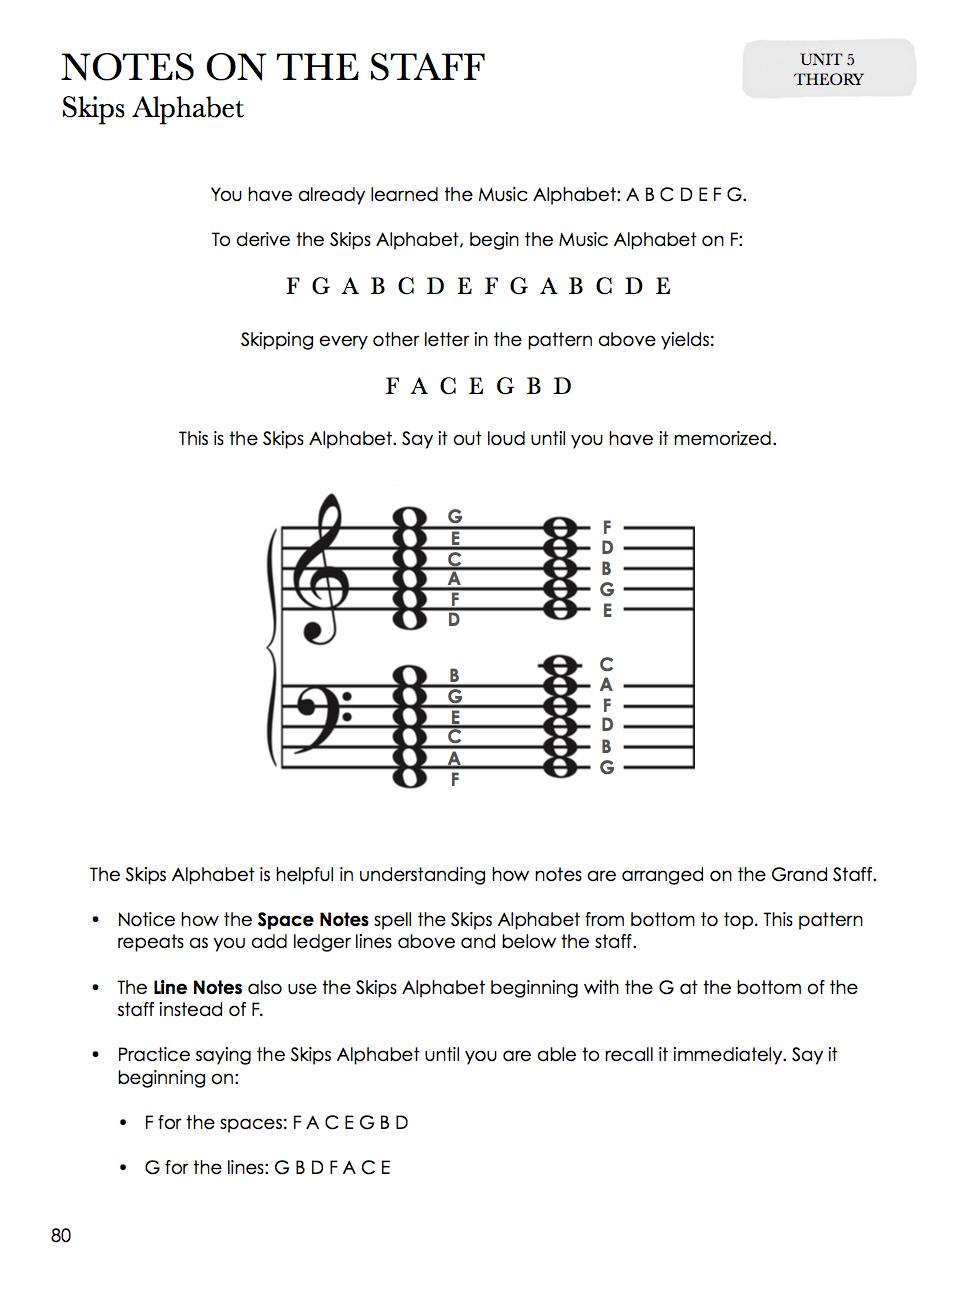 NOTAS NA PAUTA PIANO INICIANTE ARTICULAÇÃO LEGATO PIANO REPERTOIRE & TECHNIQUE FOR THE OLDER STUDENT BOOK 1 LOJA MINEIRA DO MUSICO